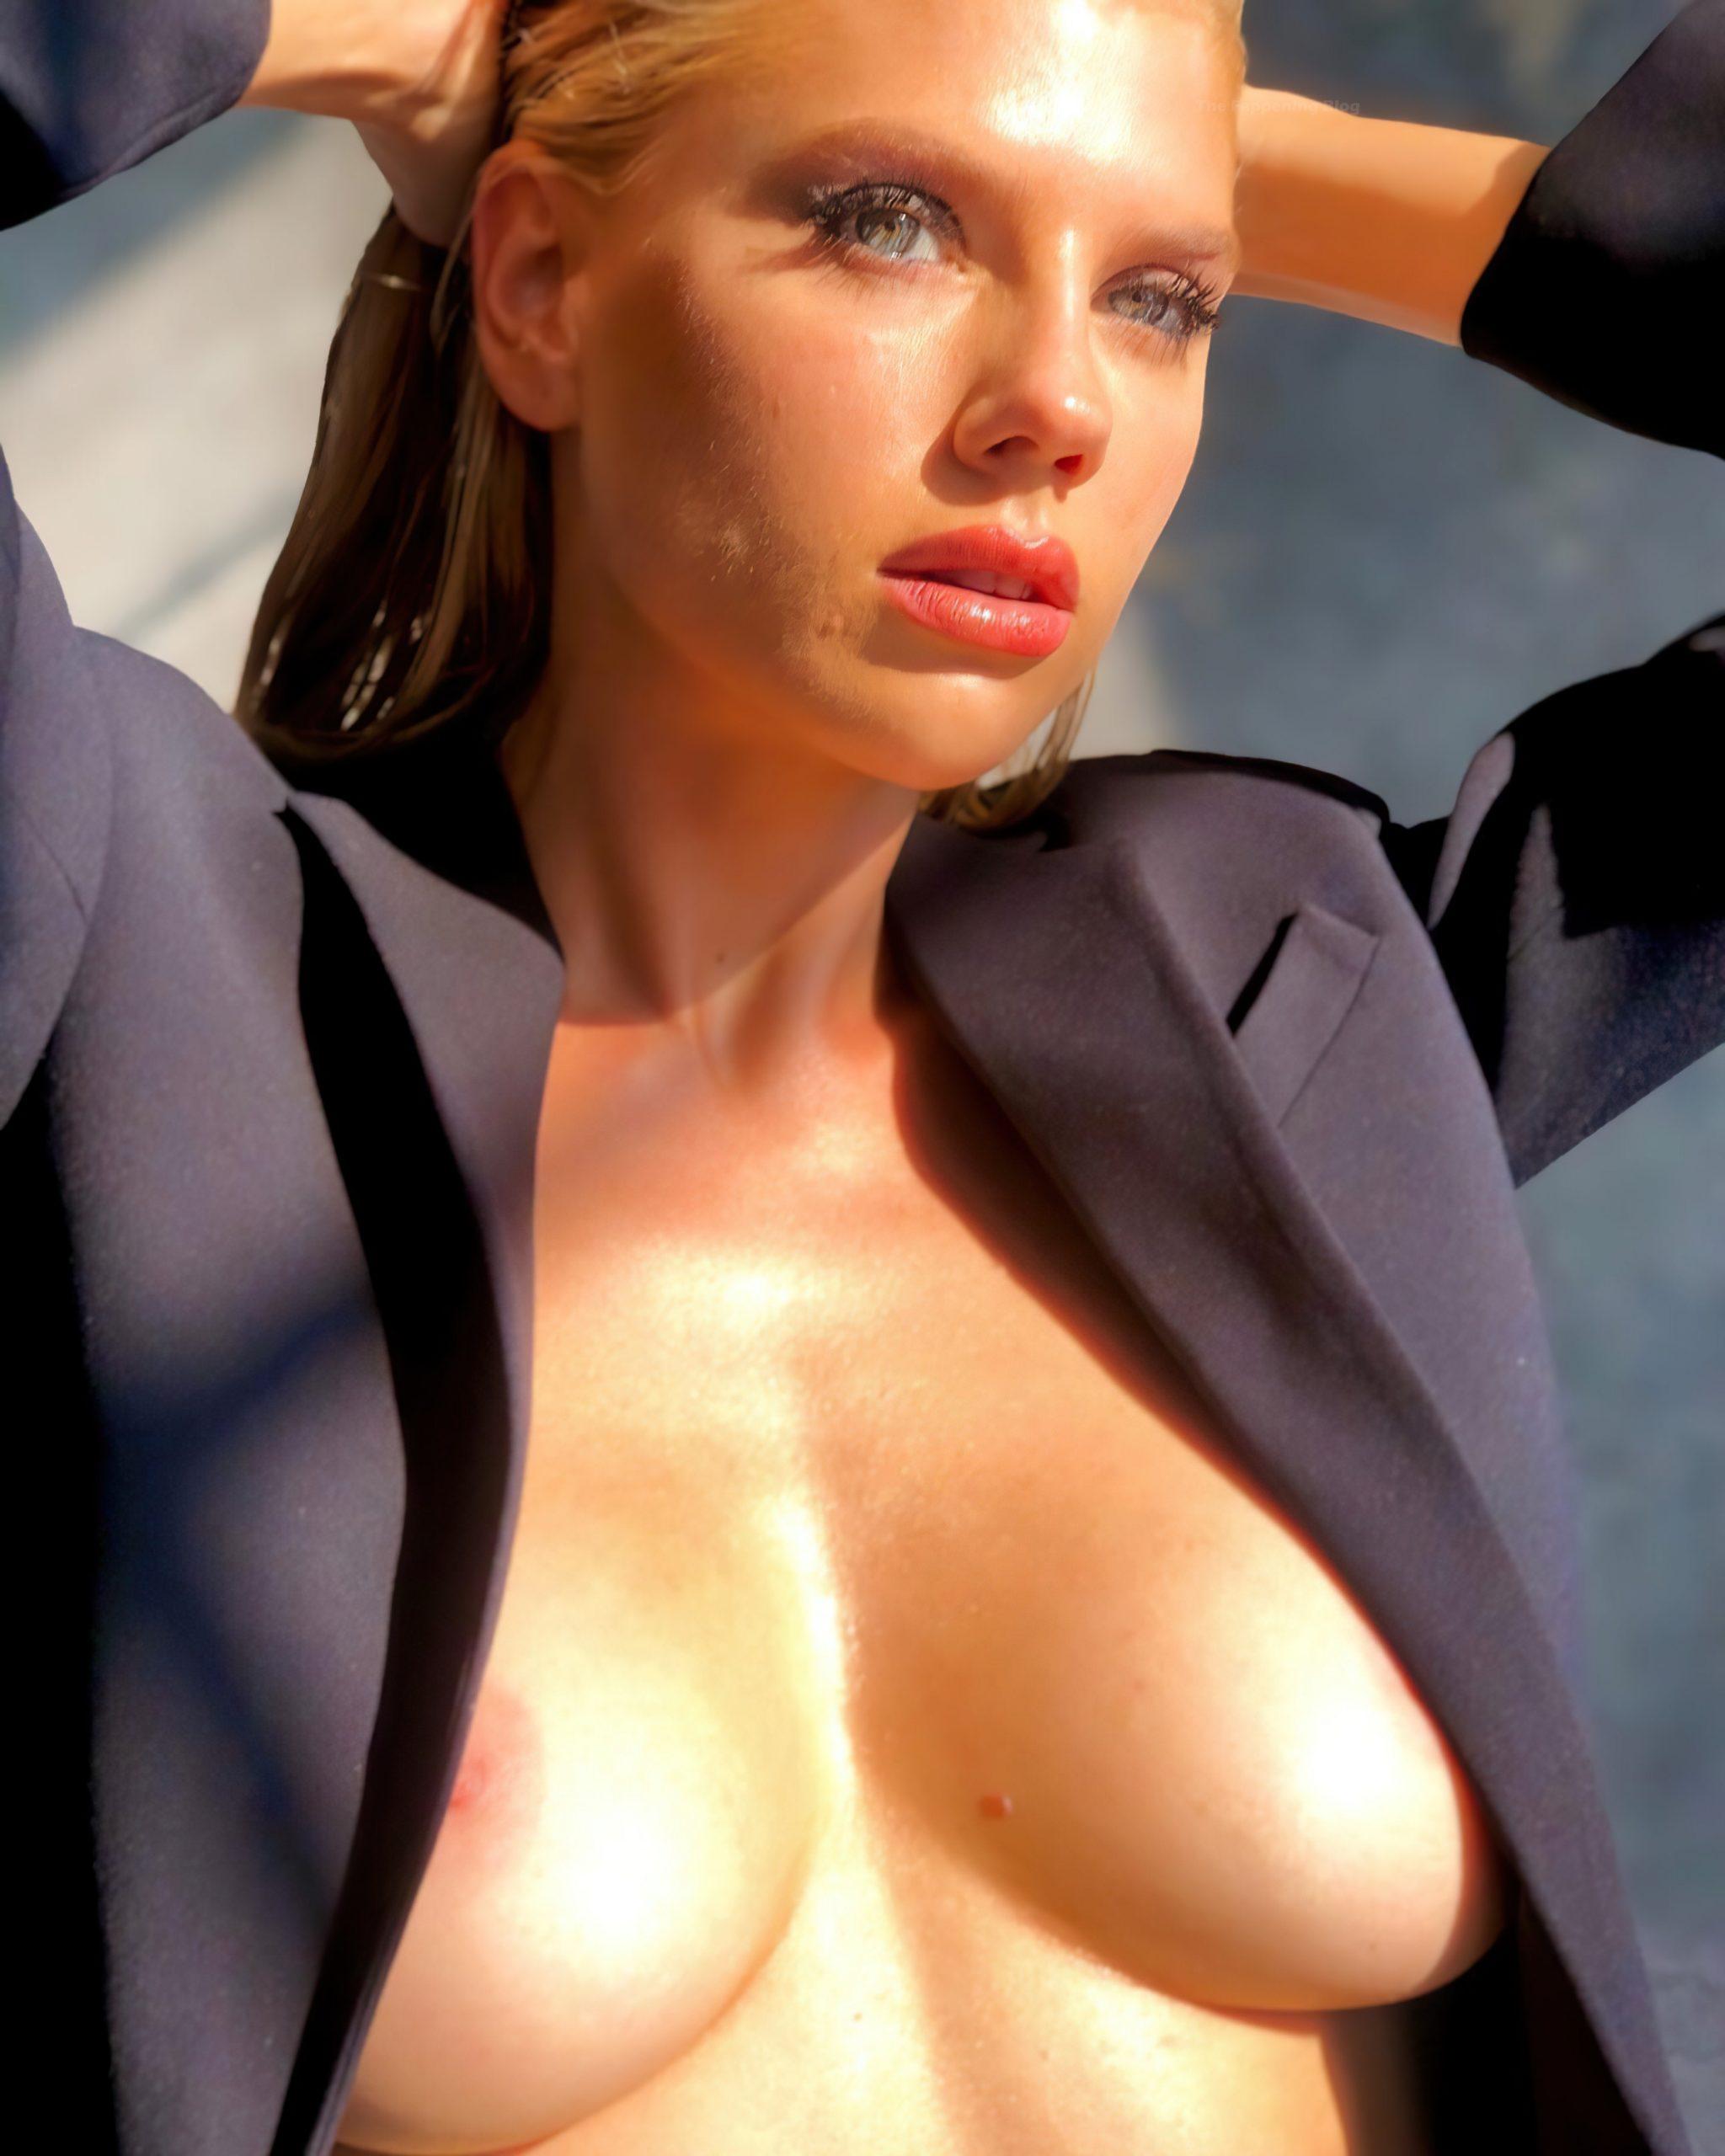 Mc kinney nude charlotte Charlotte McKinney